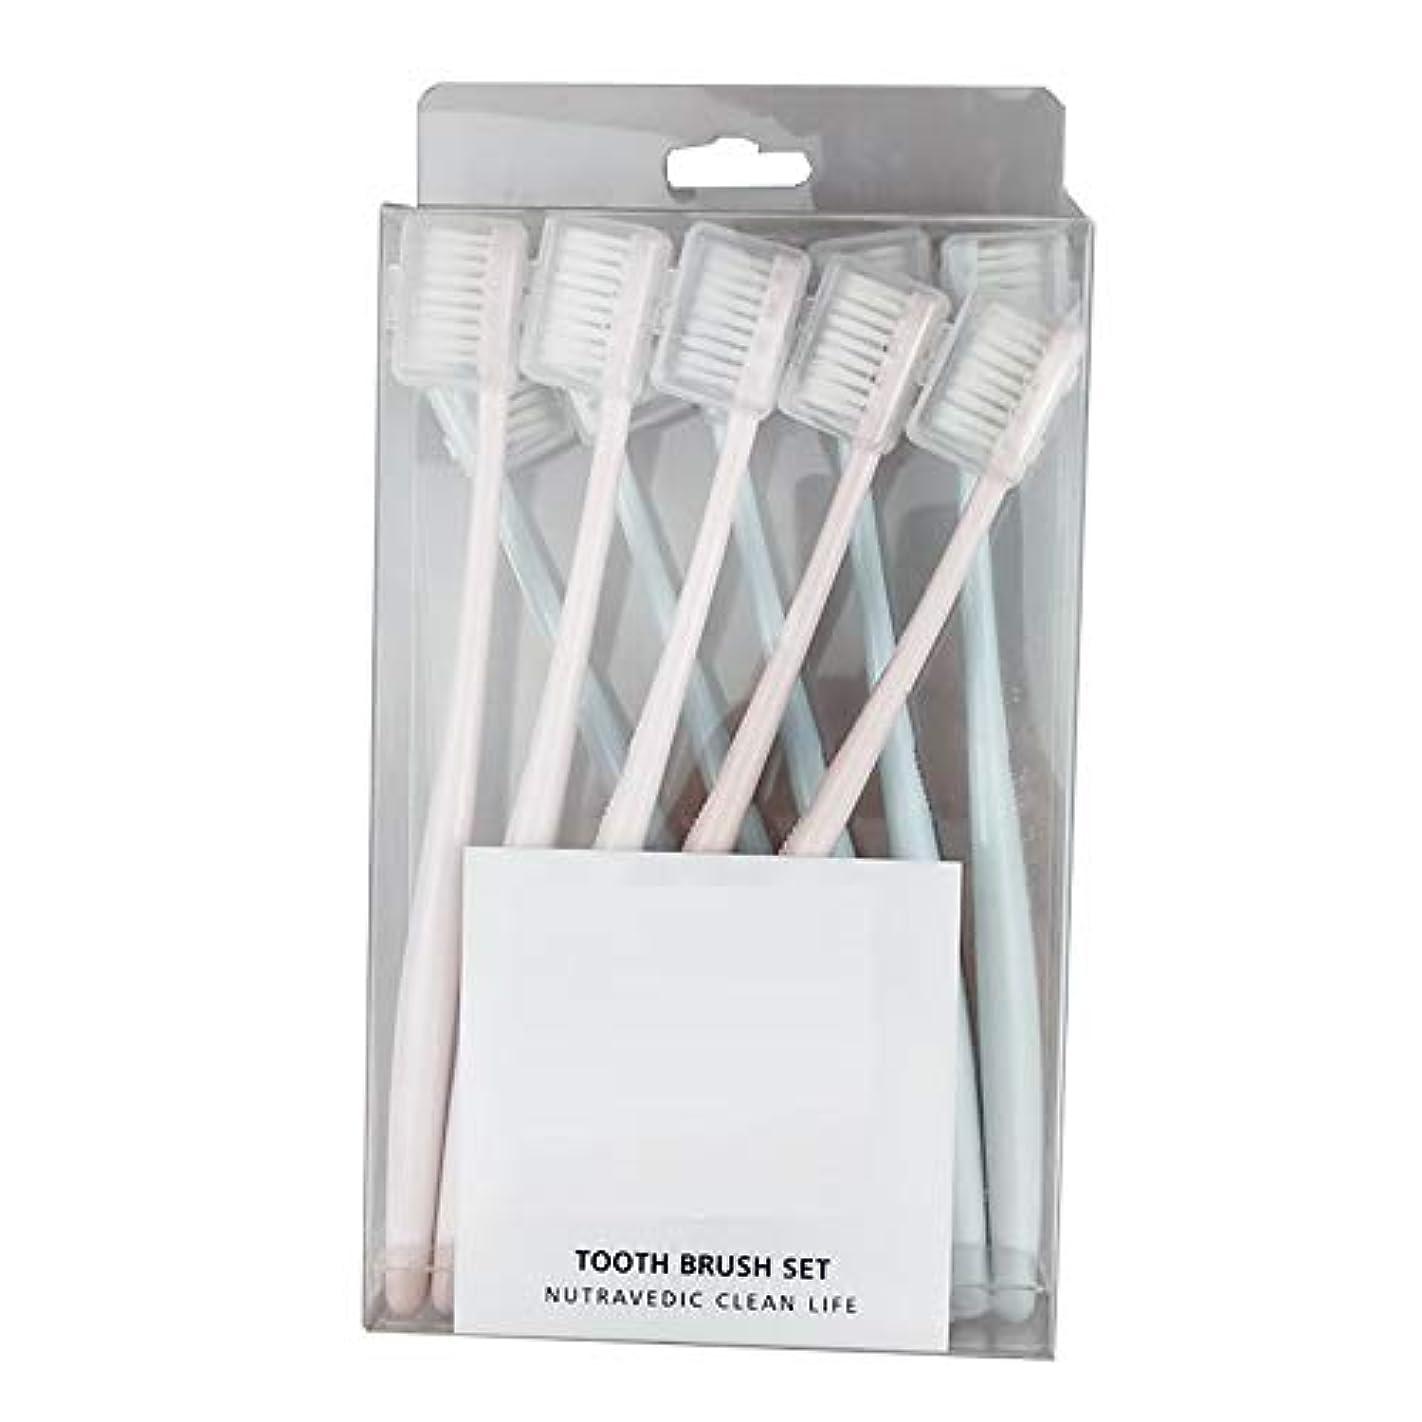 激しい紀元前伝導歯ブラシ 竹炭歯ブラシ、アダルトソフト歯ブラシ、活性炭ホワイトニング - 使用できるスタイルの3種類 HL (サイズ : A - 10 packs)